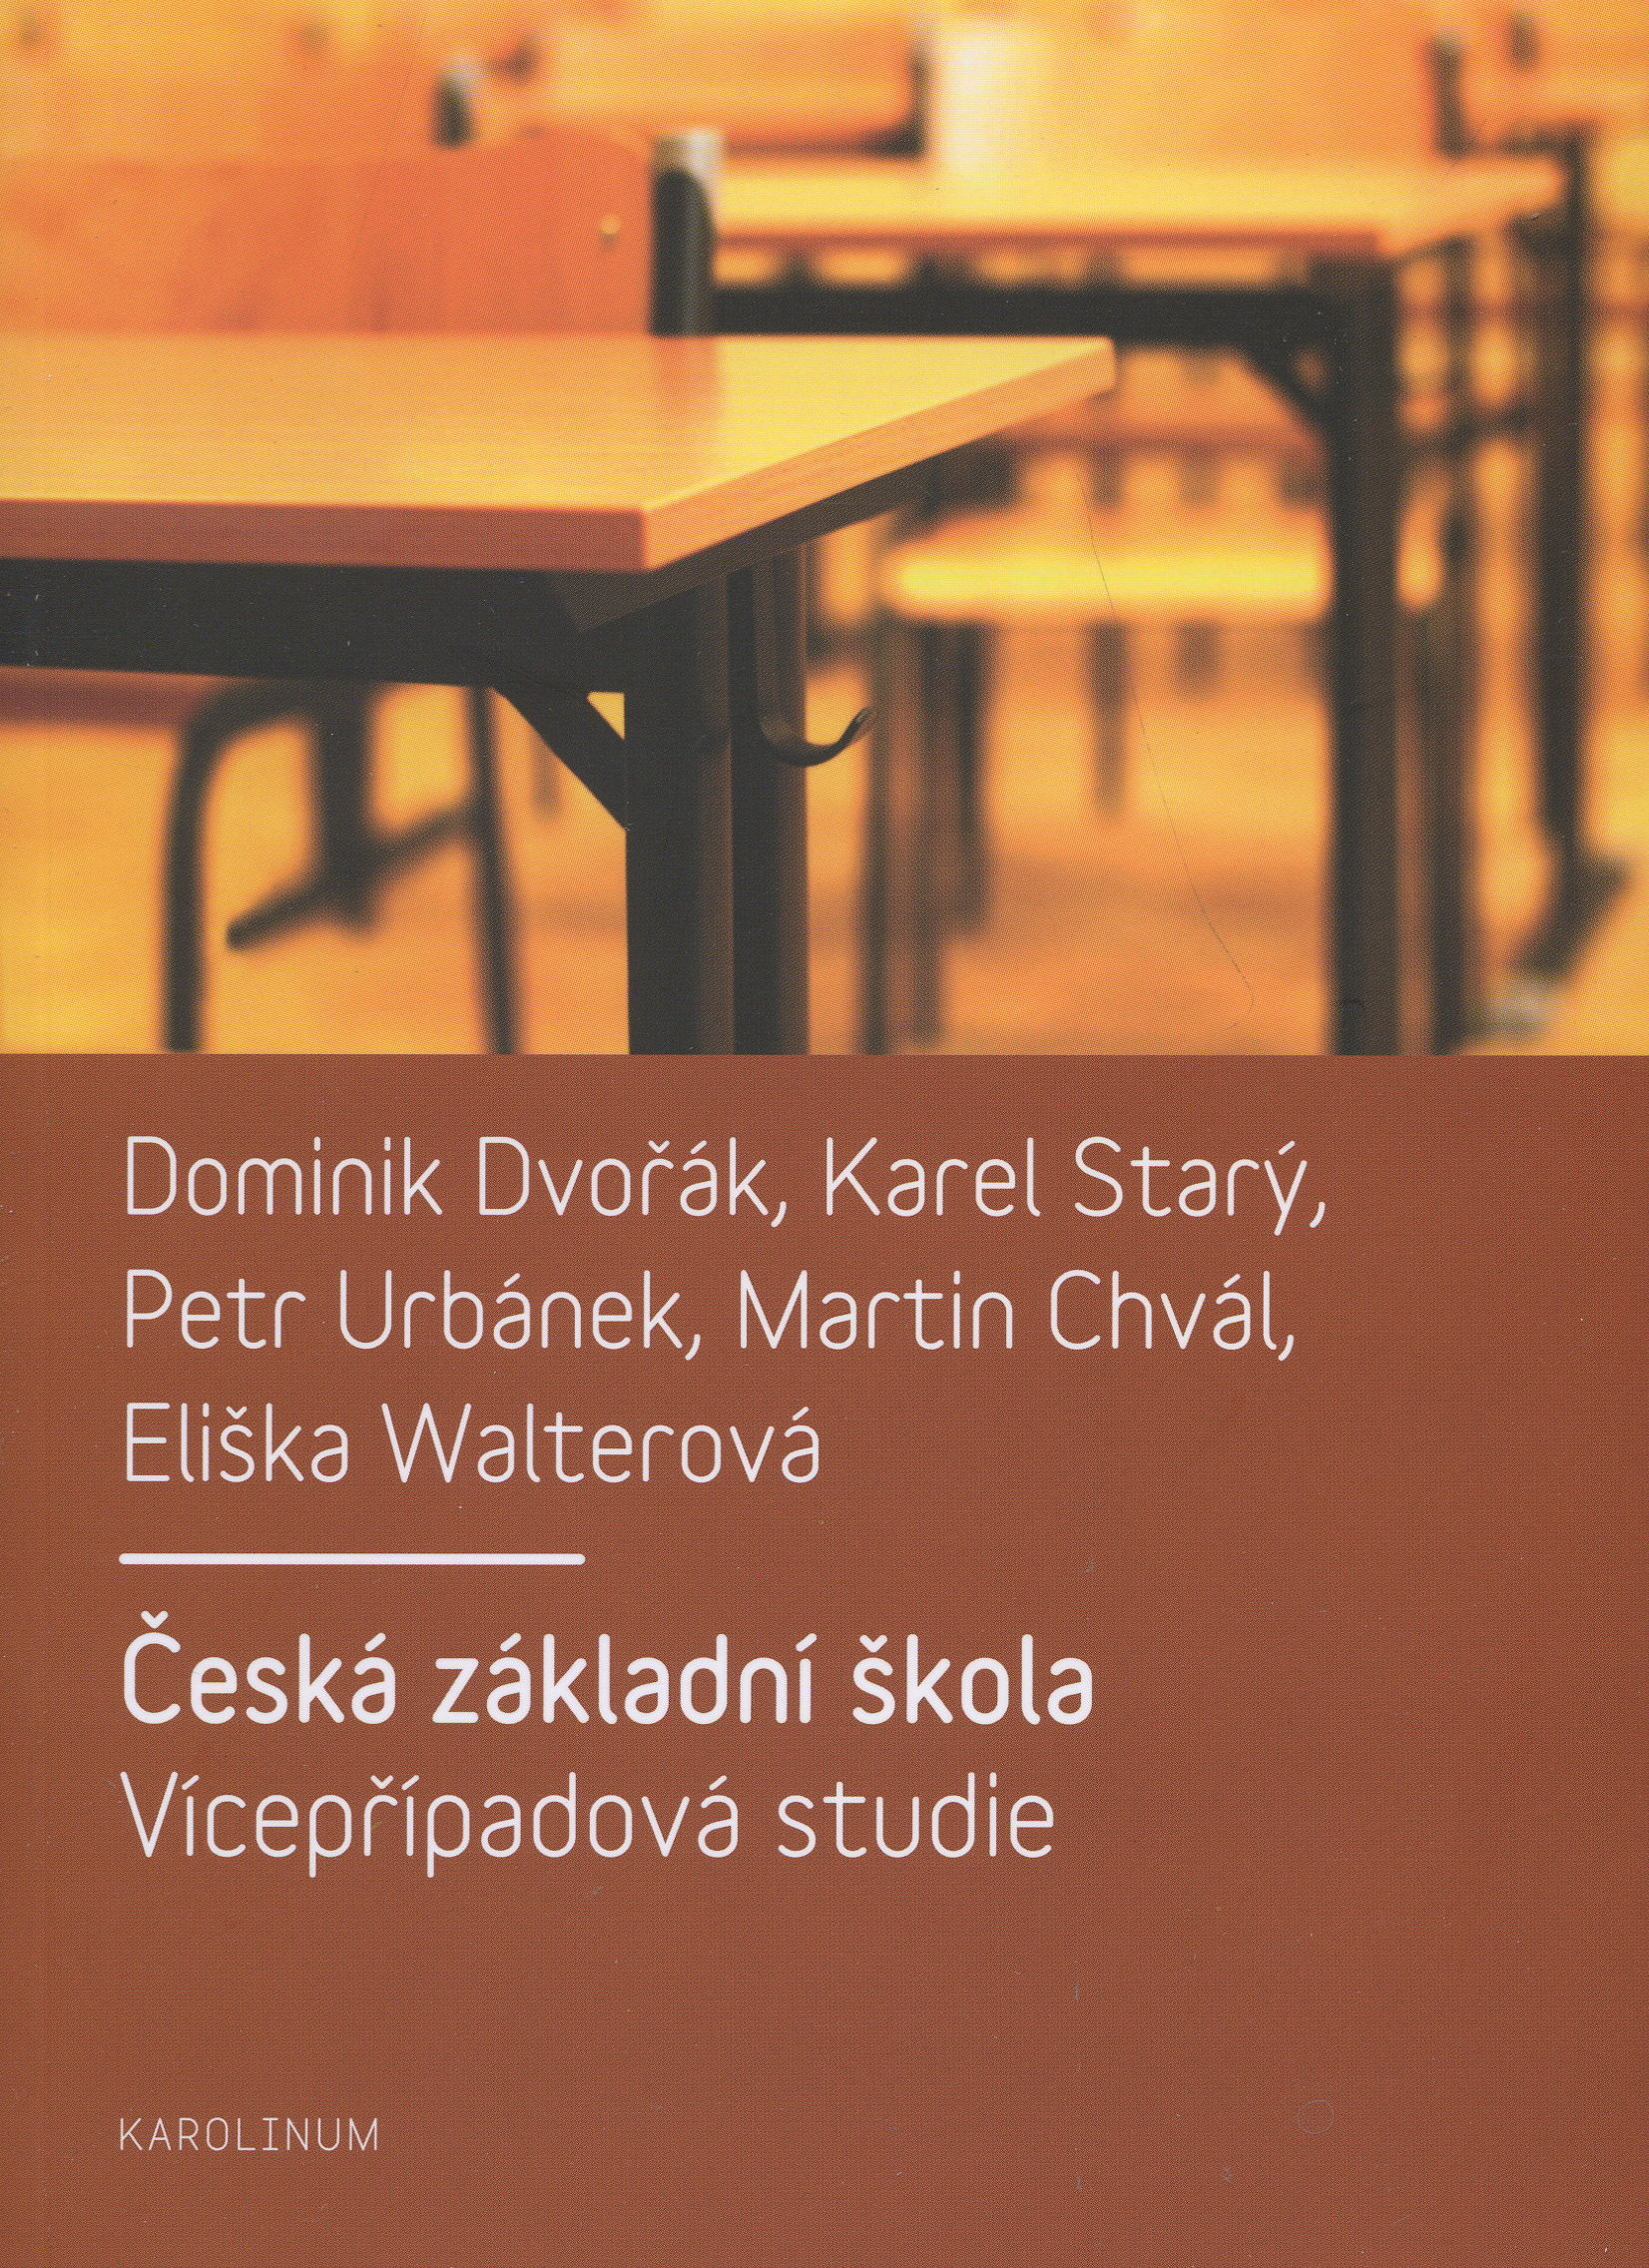 Česká základní škola - Vícepřípadová studie